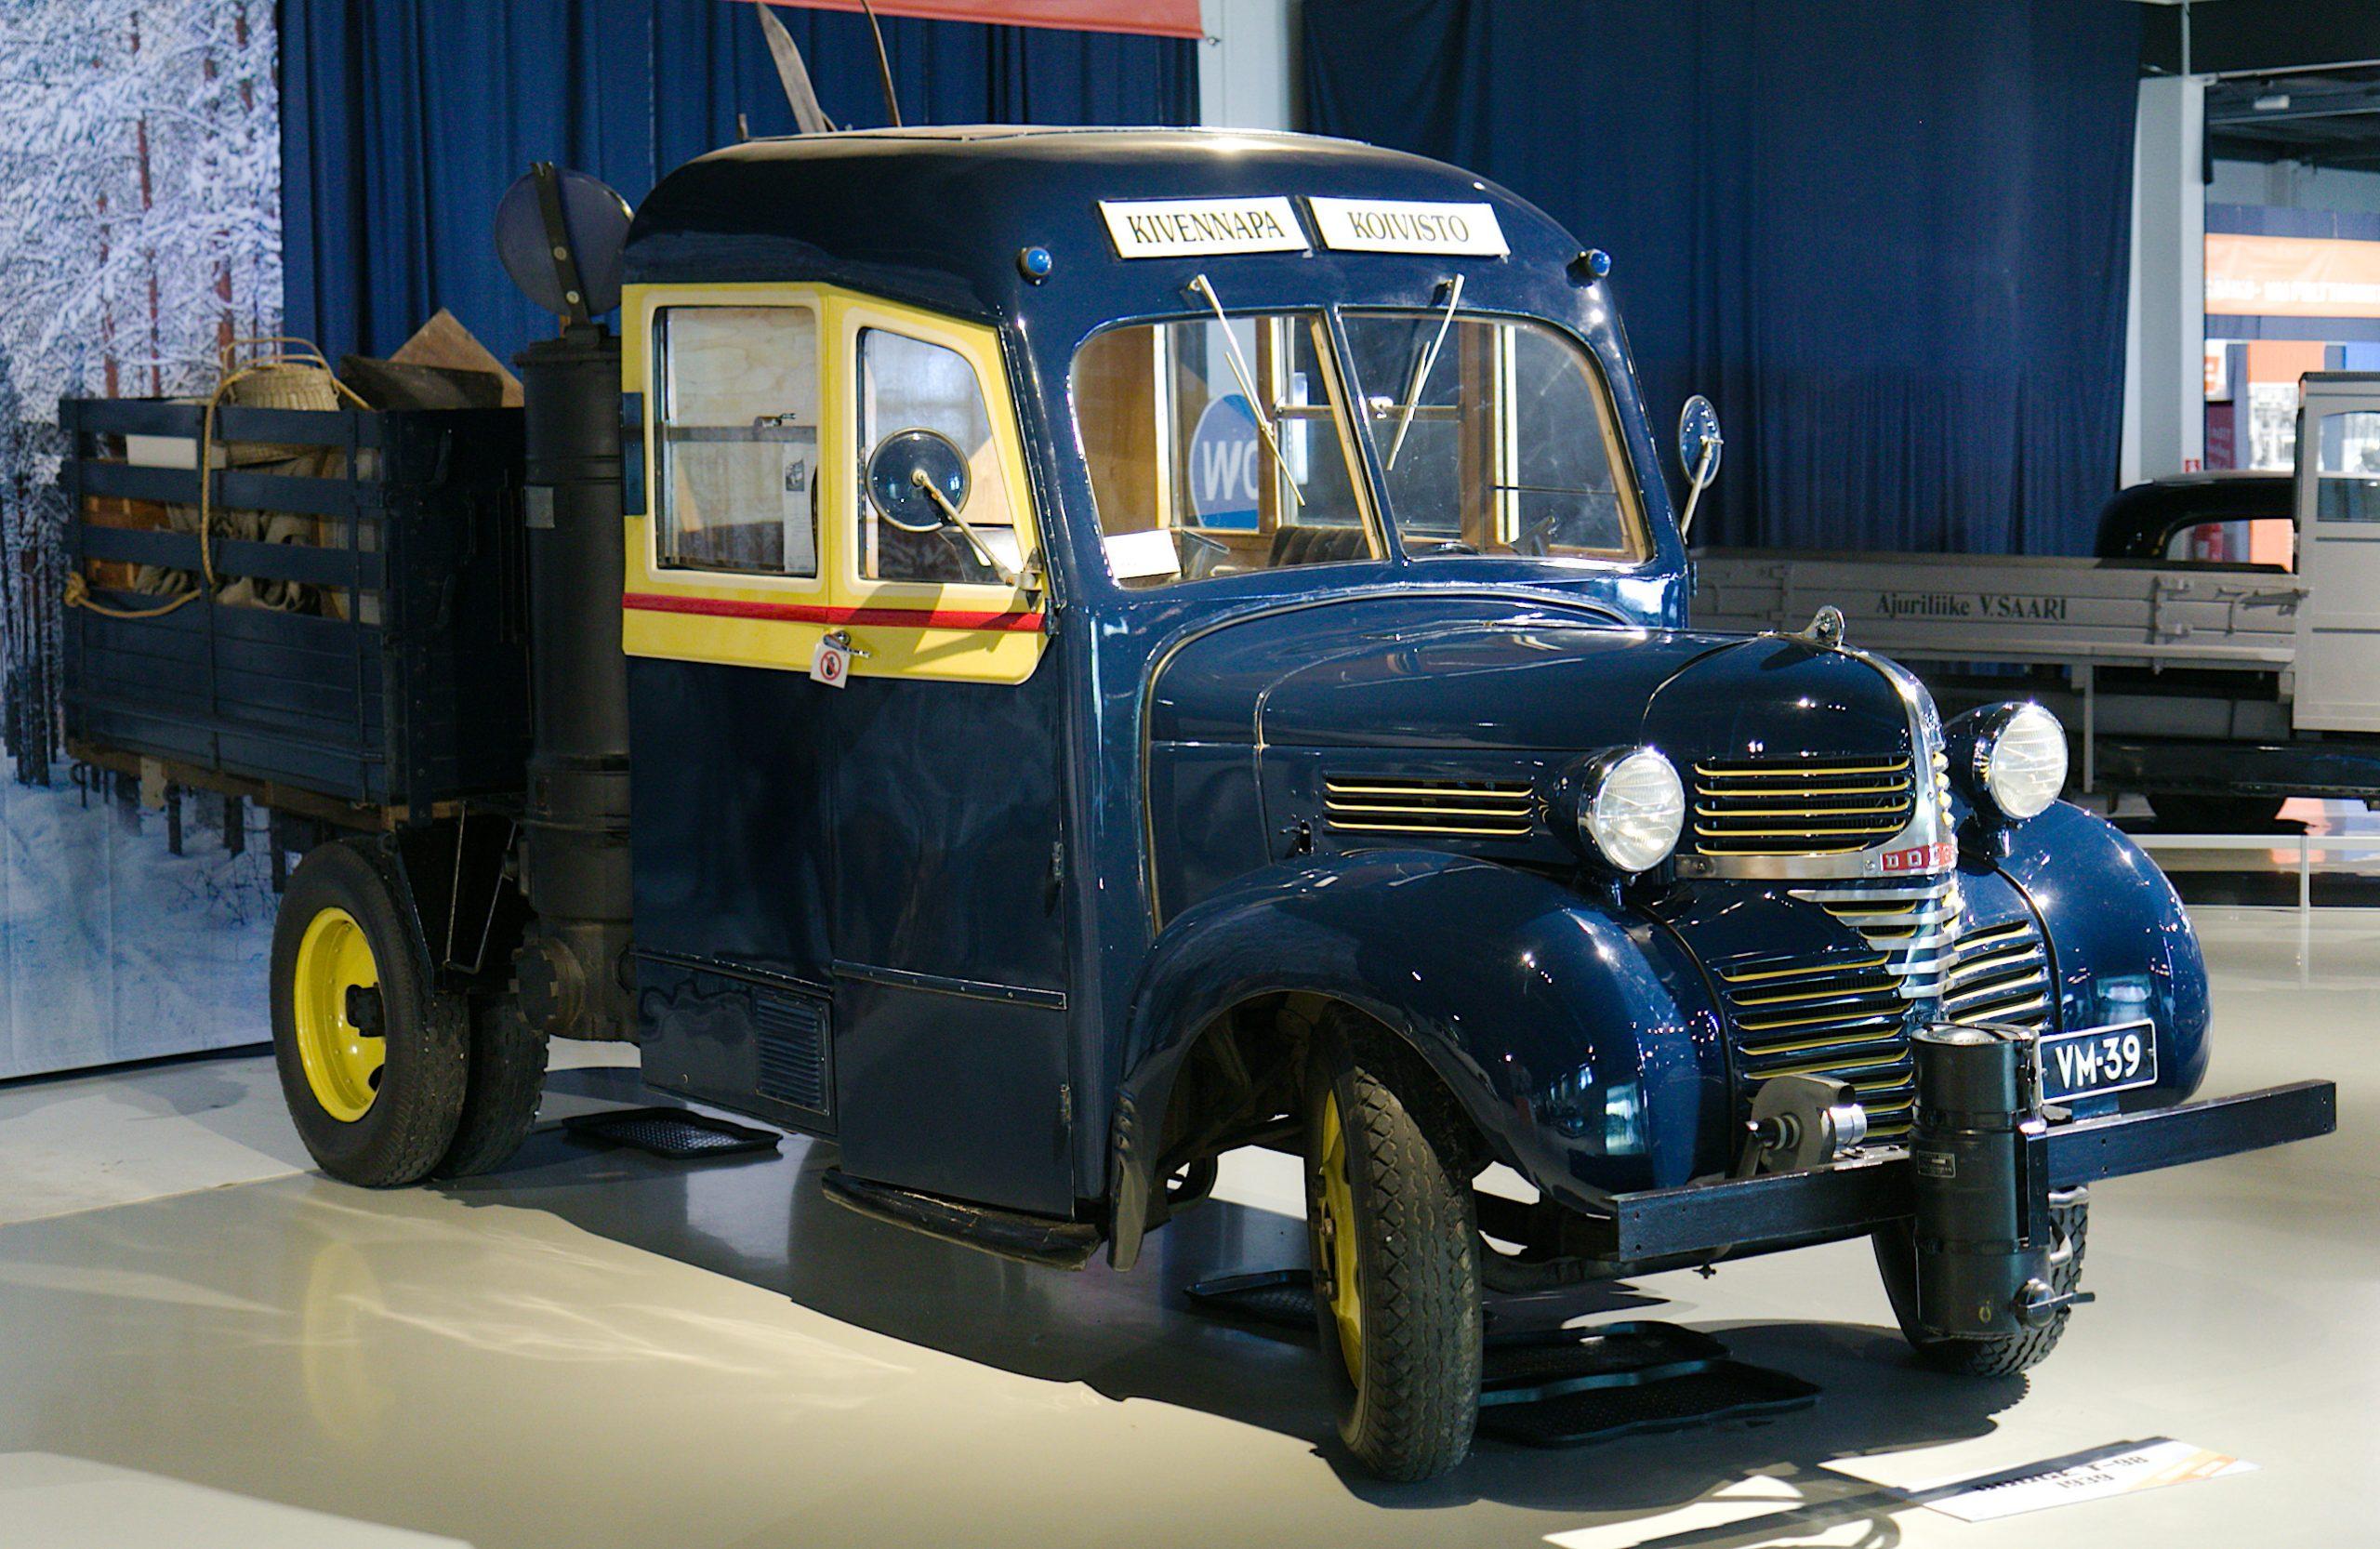 Tumman sinisessä seka-autossa on pitkähkö matkustamo ja sen takana lava tavaroiden kuljetukseen. Häkäpönttö on kiinnitetty matkustamon ja lavan väliin.